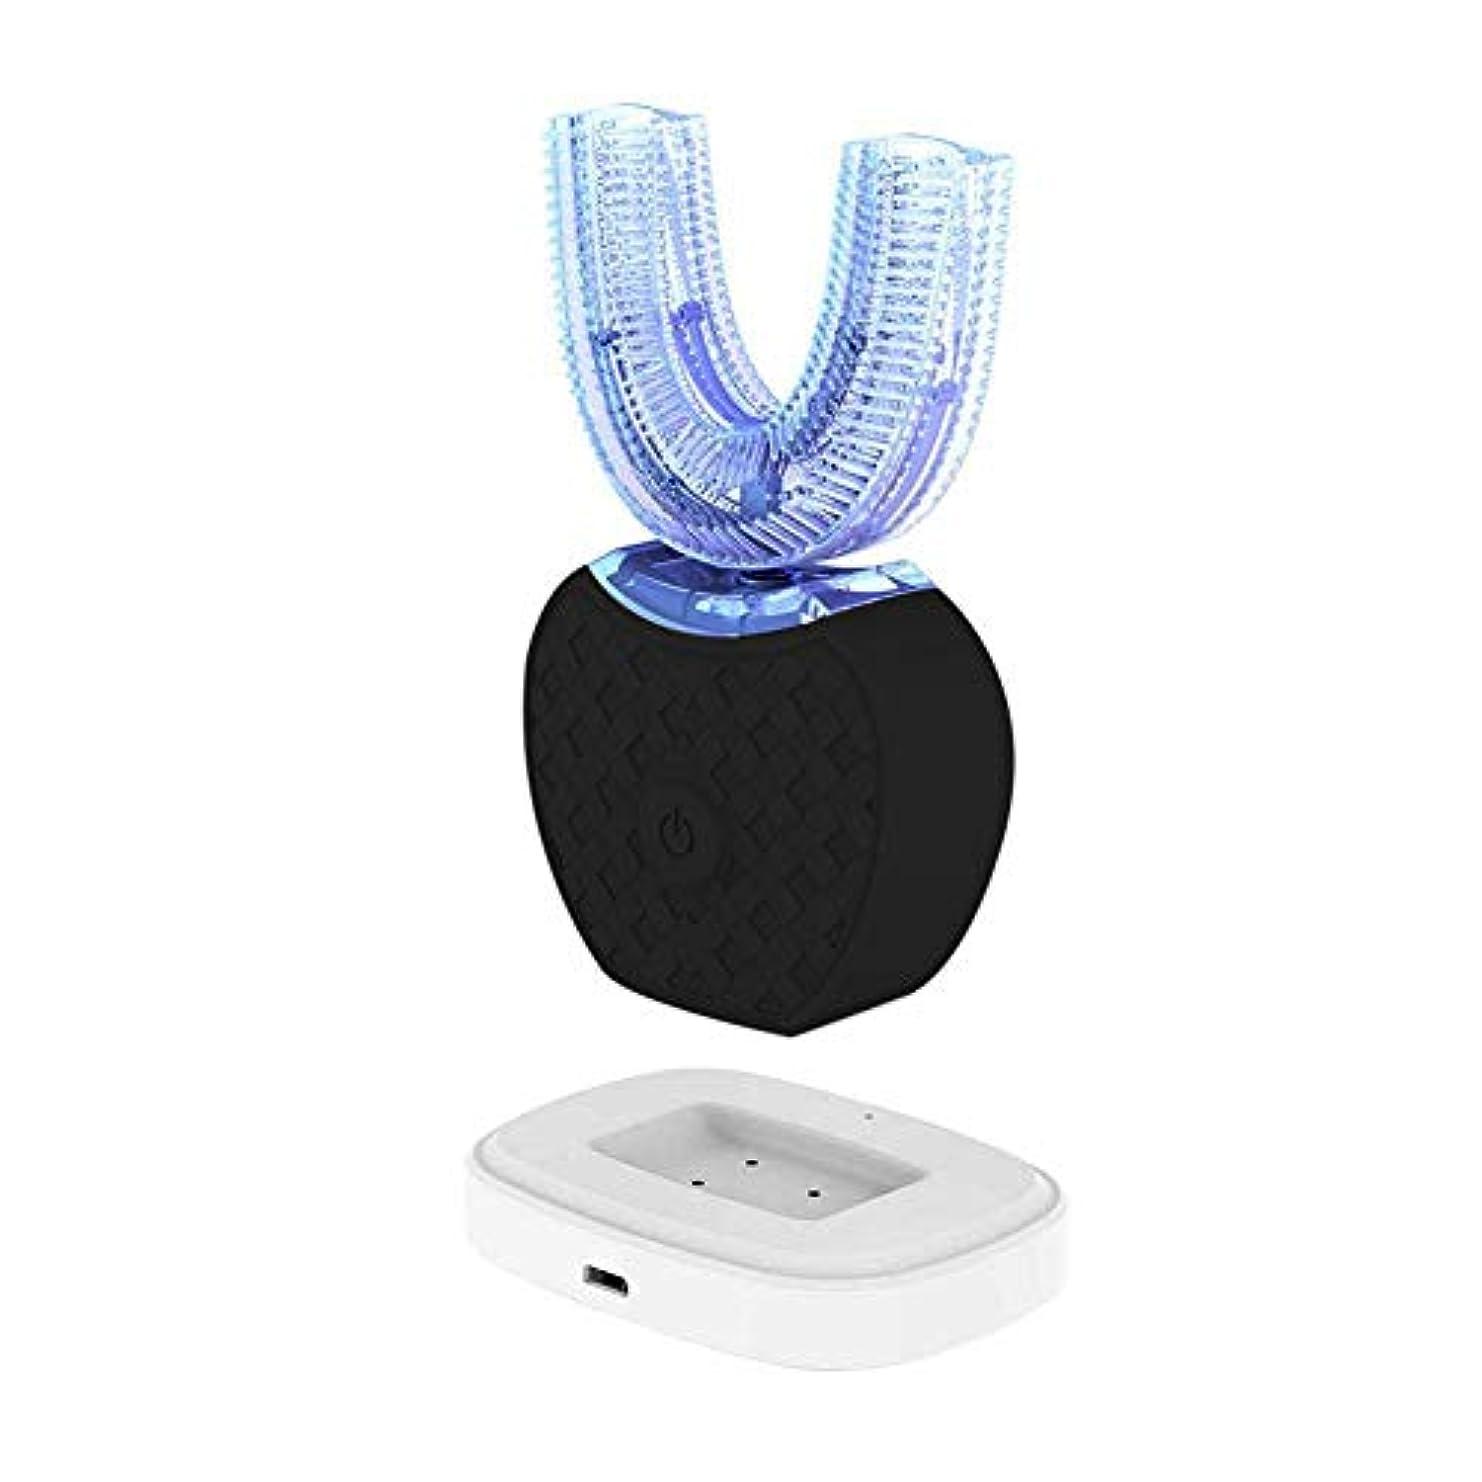 象関係する目指すL-oral U型電動歯ブラシ充電式360°全方位洗浄、歯磨き、歯茎マッサージ、歯の美白3段階 (ブラック)